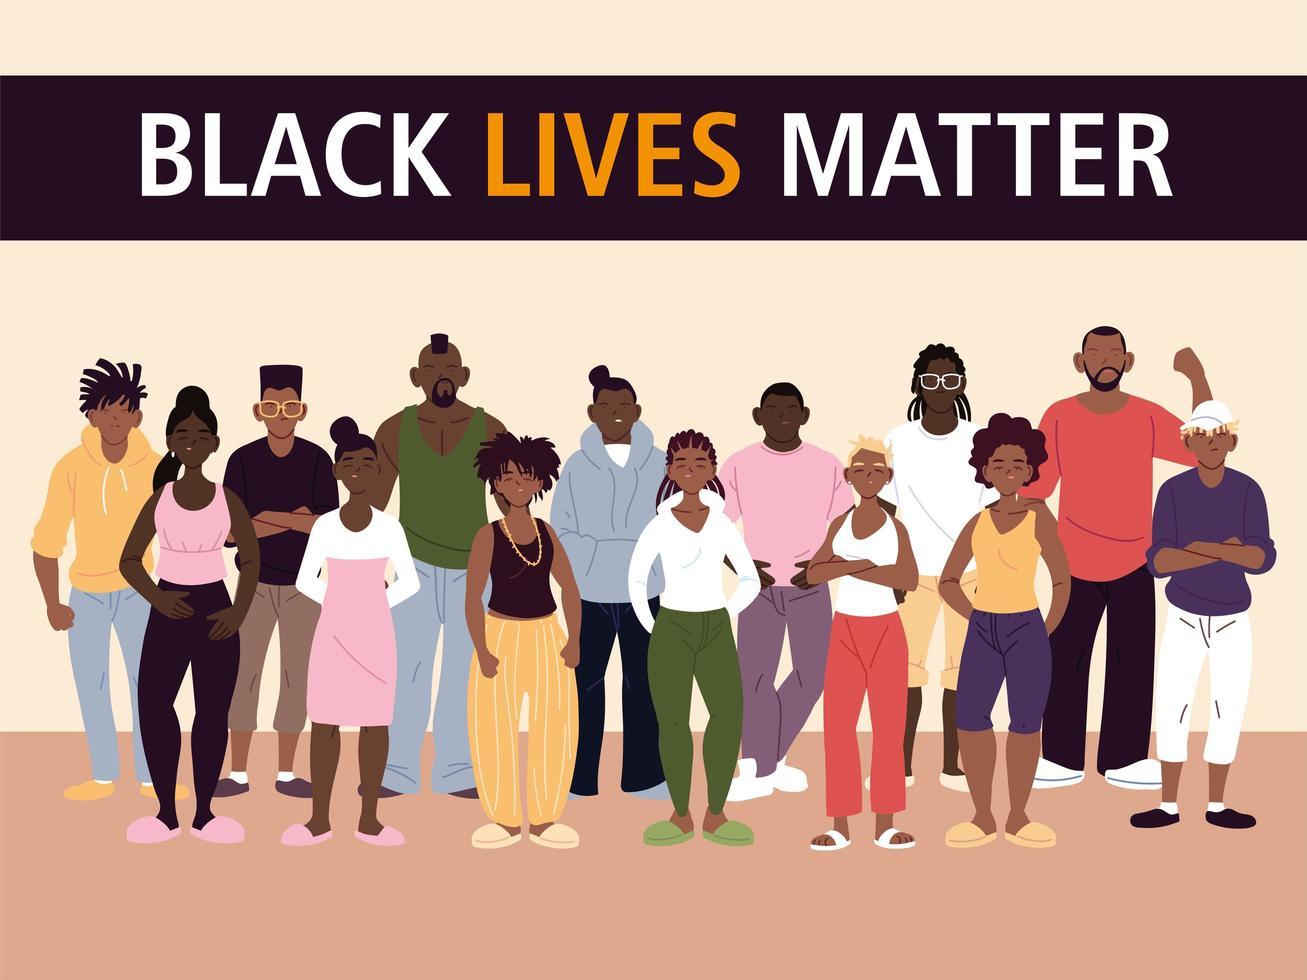 zwarte levens doen ertoe bij vrouwen en mannen vector